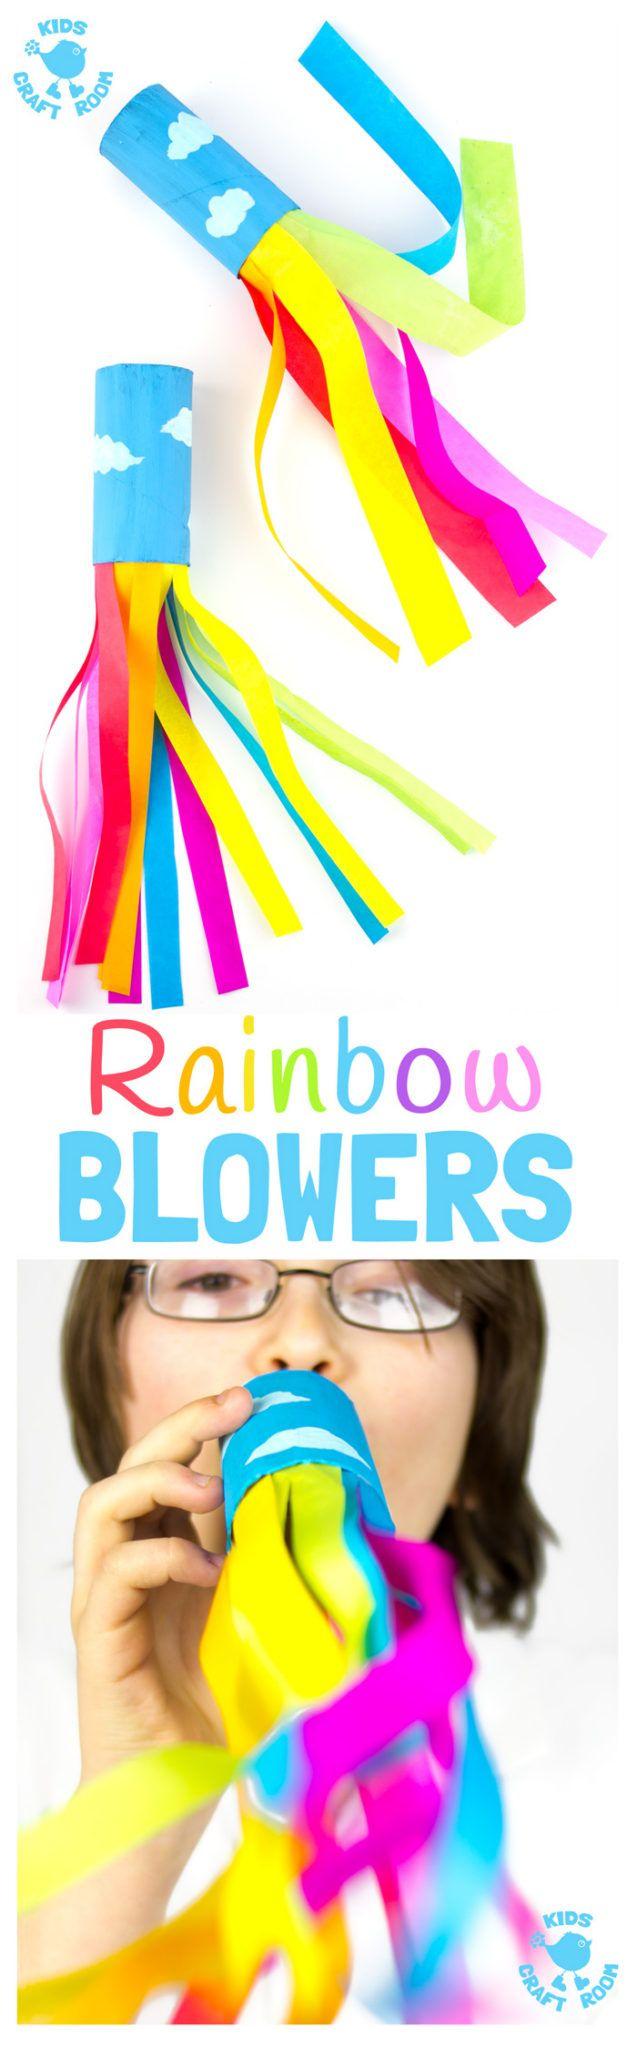 Insegnamento: le promesse di Dio (arcobalena), il vento (tutto blu: la tempesta e i discepoli), ecc